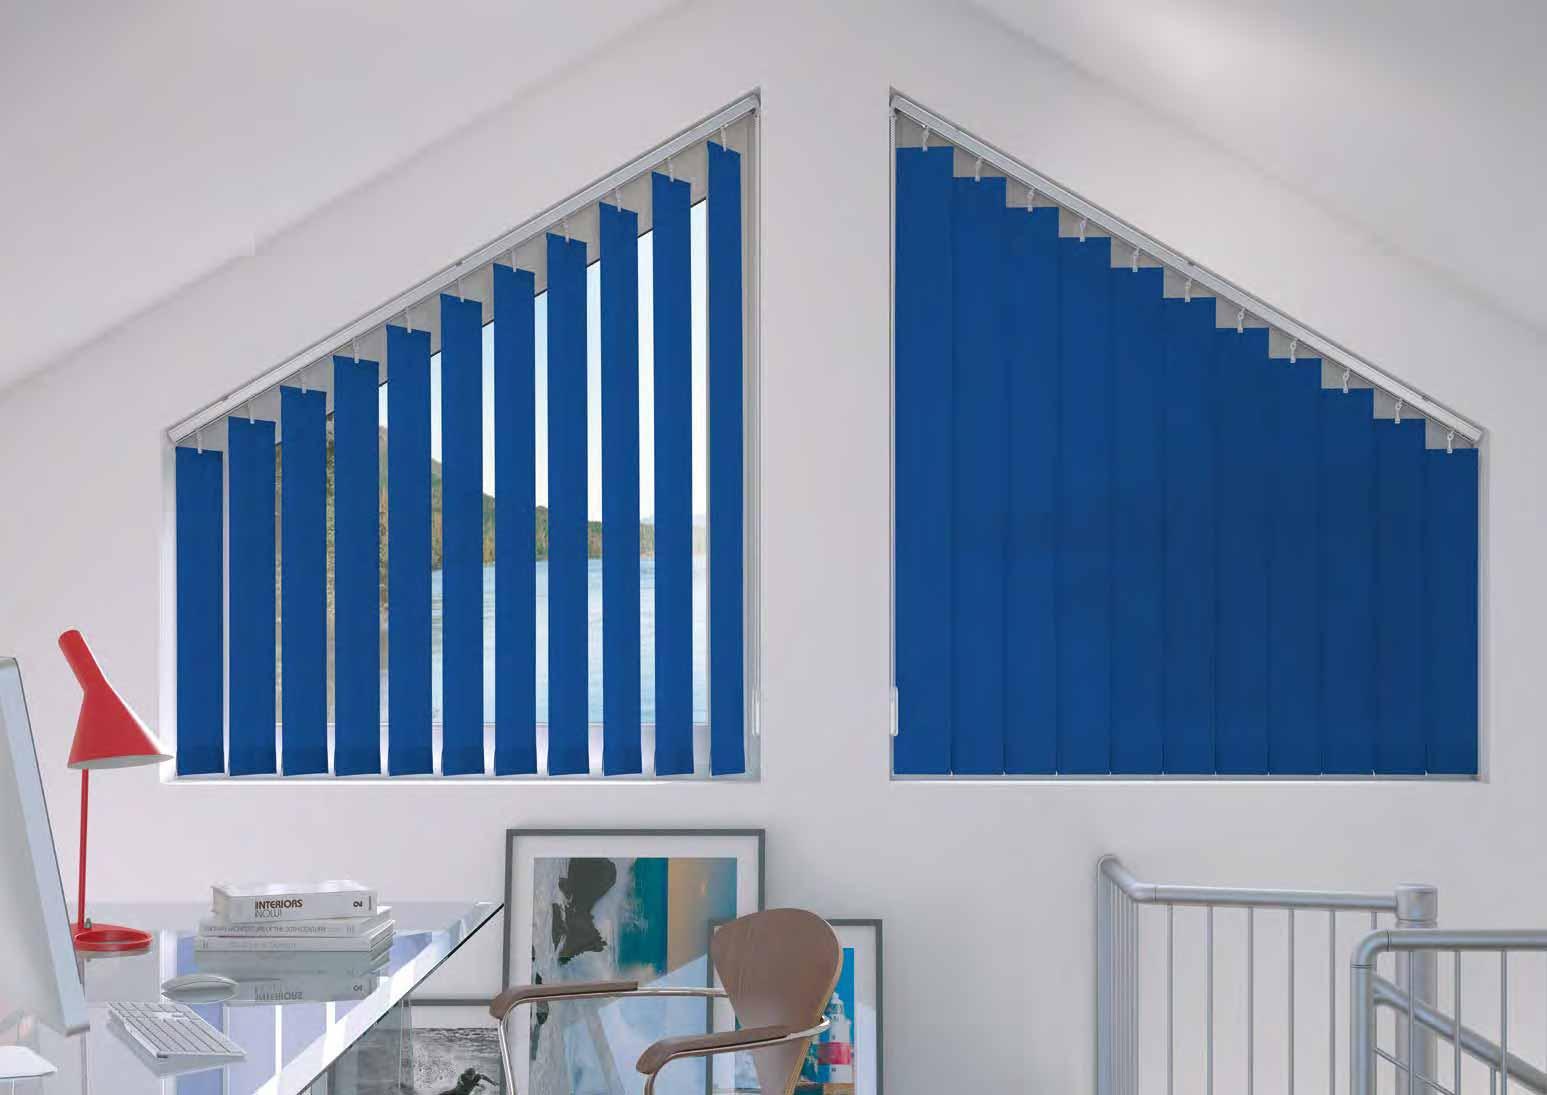 Fenster Dachschrage Mit Integriertem Rollladen Reinigen Tauschen